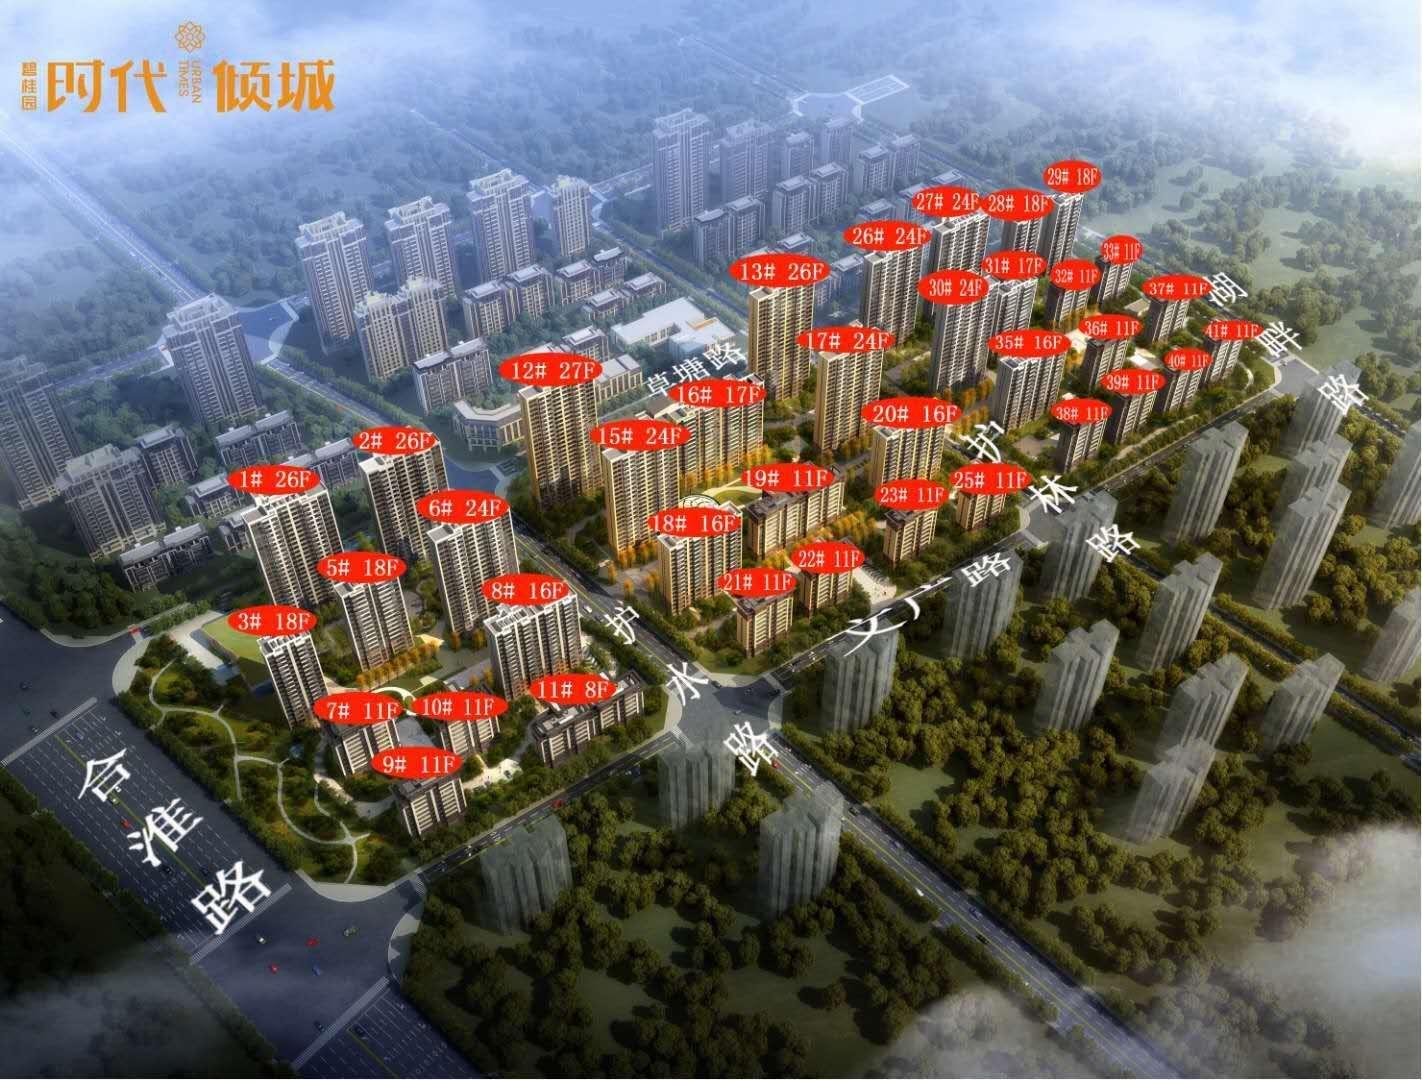 碧桂园时代倾城鸟瞰图